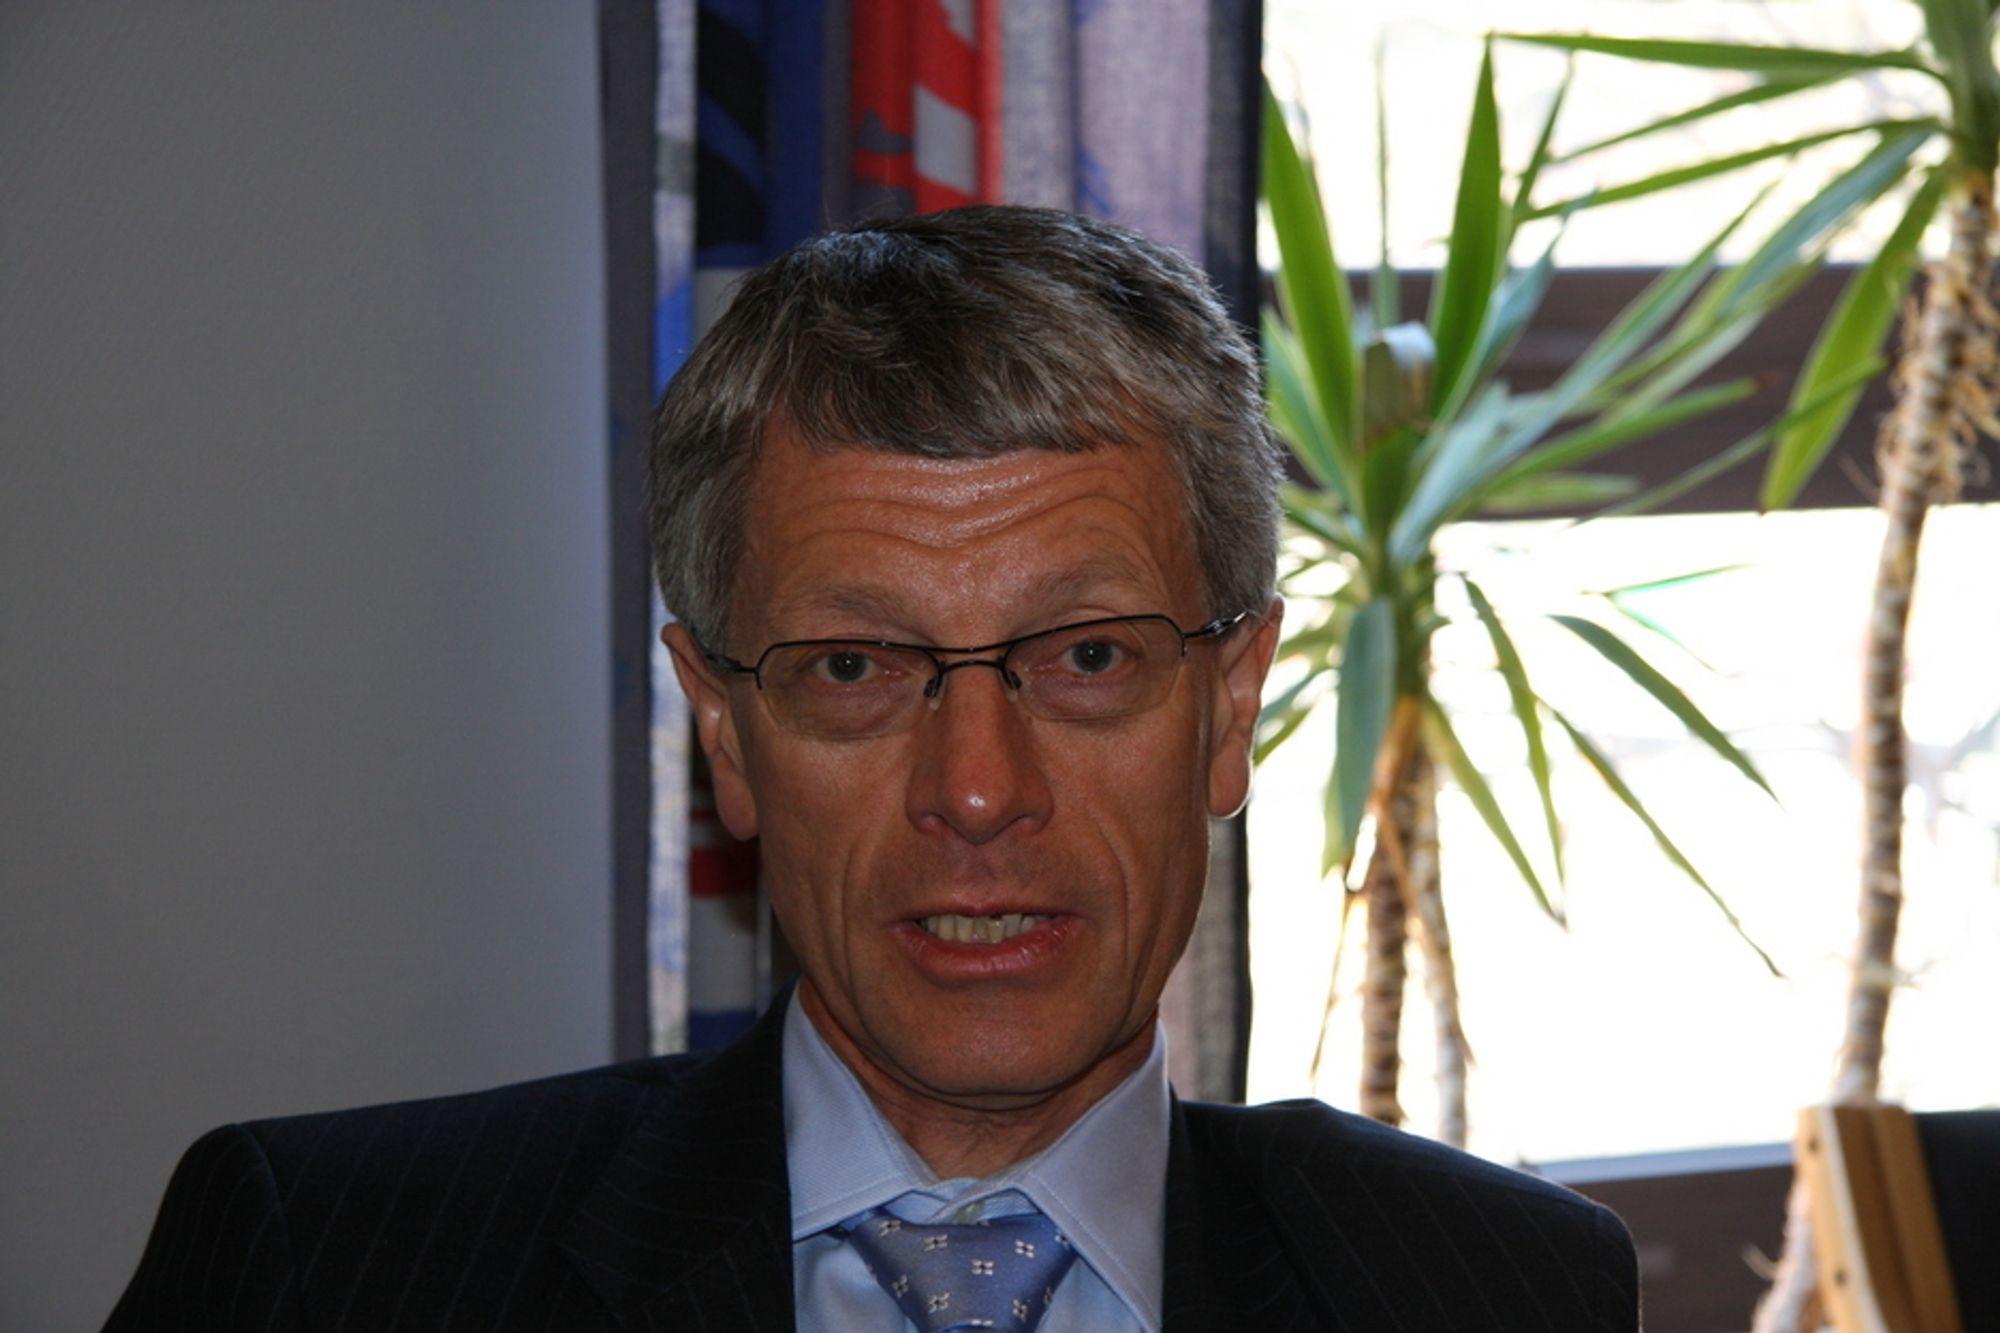 Oppkjøpet av GMS førte til røde tall på bunnlinjen for Olav Volldal og Kongsberg Automotive.